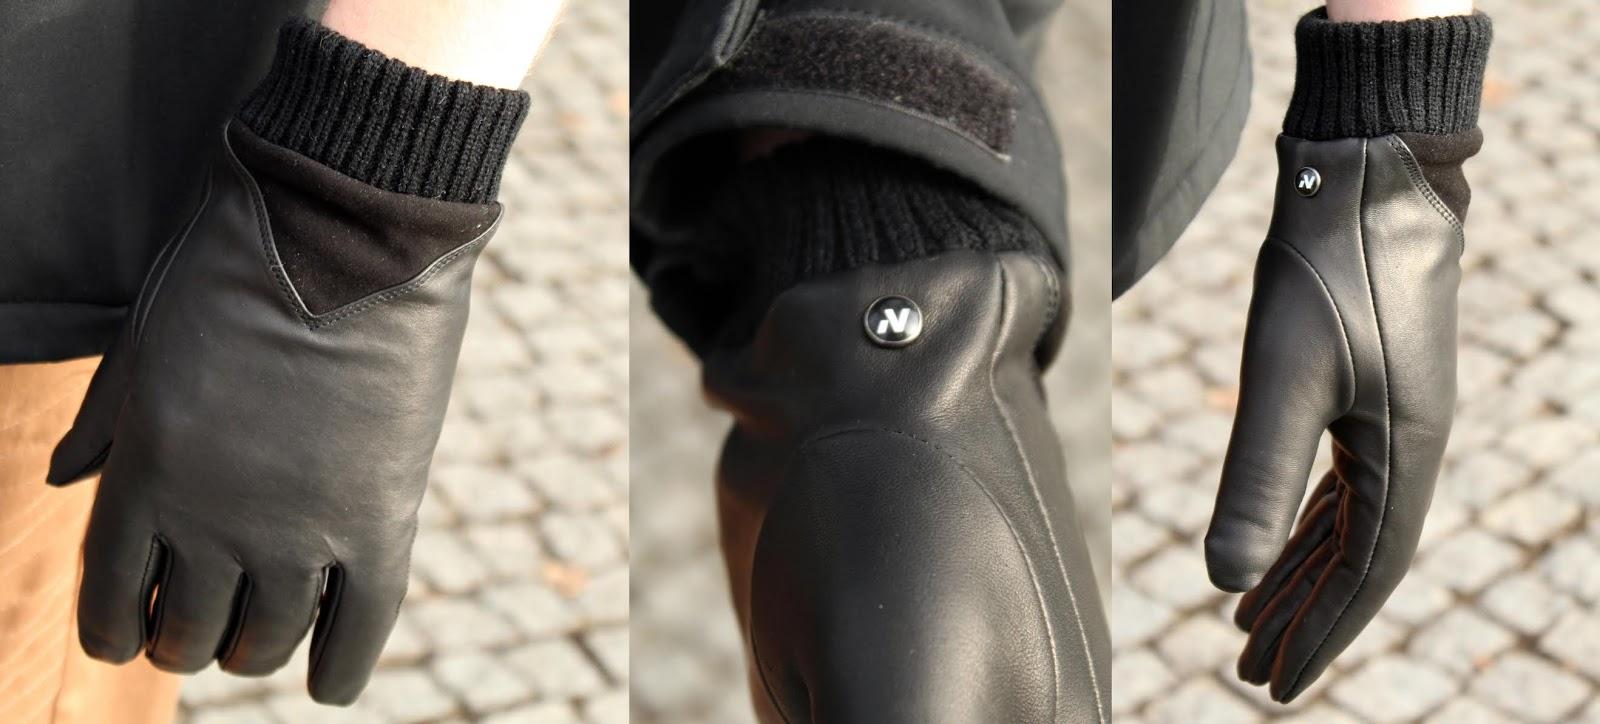 Eleganckie, męskie rękawiczki skórzane pozwalające na obsługę ekranów dotykowych - napo gloves